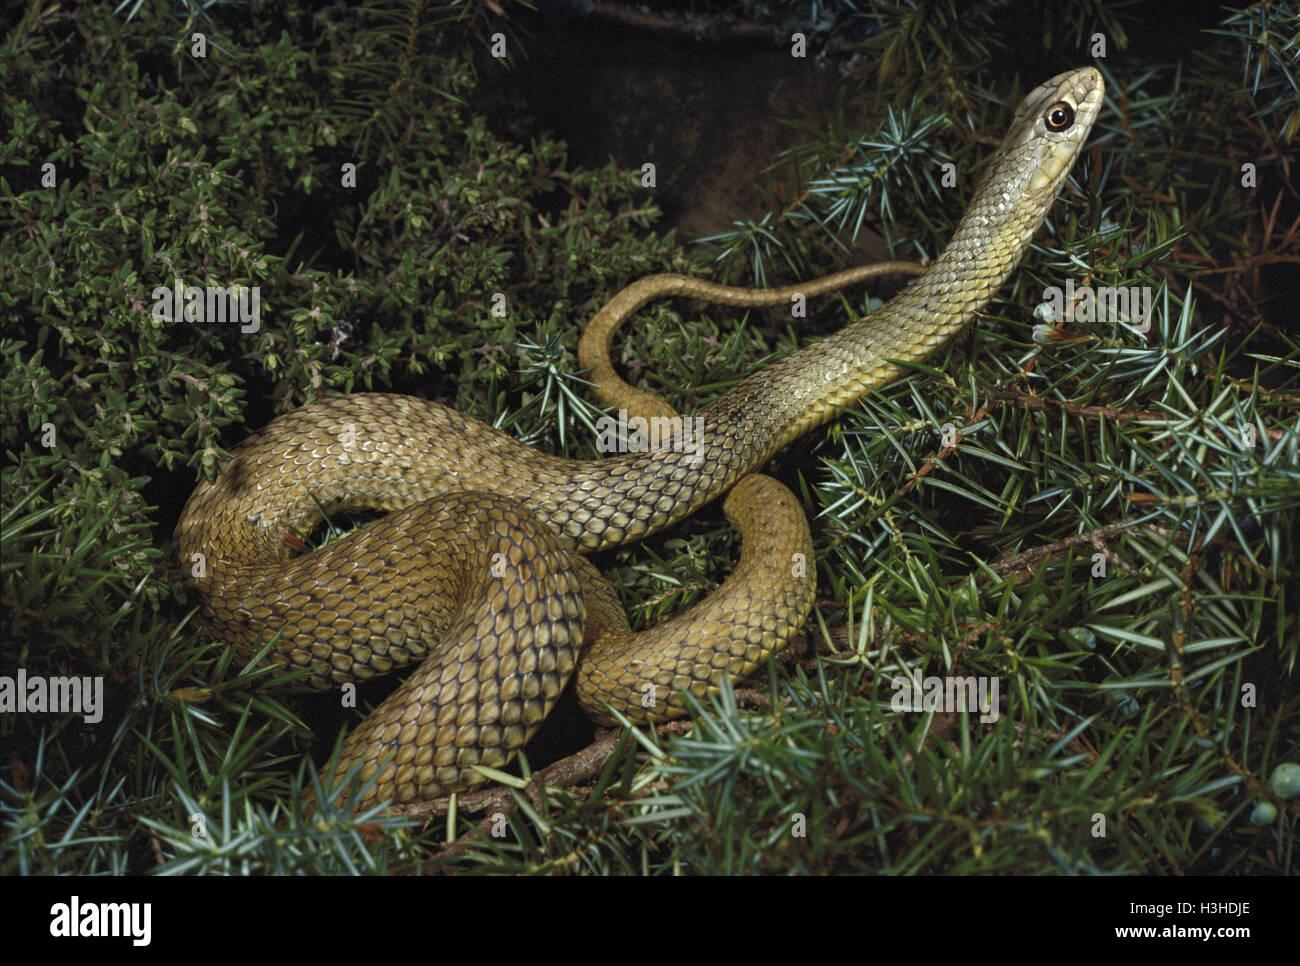 Montpellier snake (Malpolon monspessulanus) - Stock Image